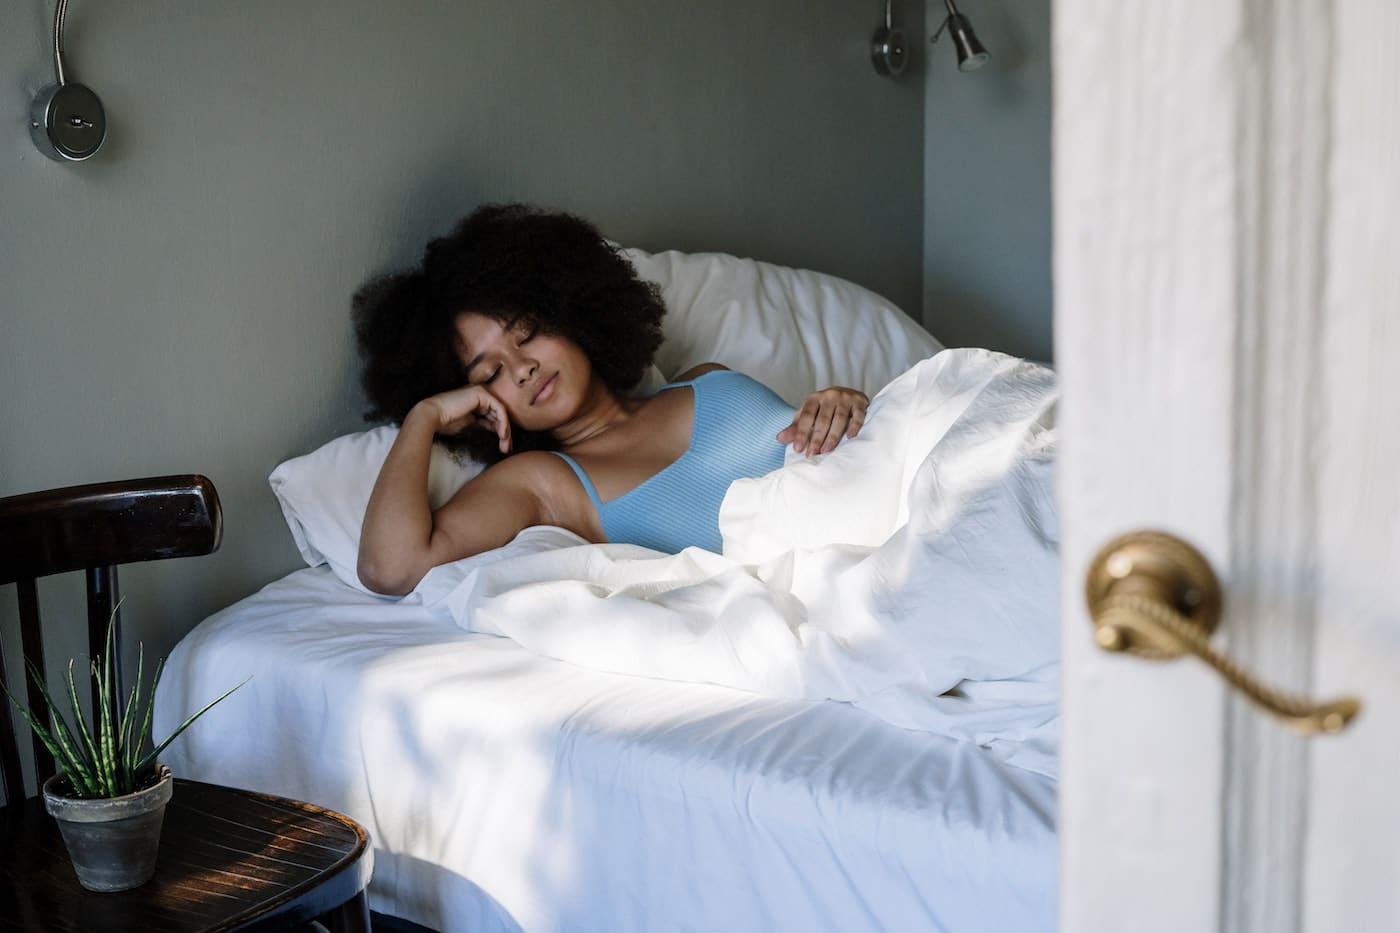 Braineffect Bewertung schnell einschlafen Schlafen Sleep Melatonin Spray Erfahrungen